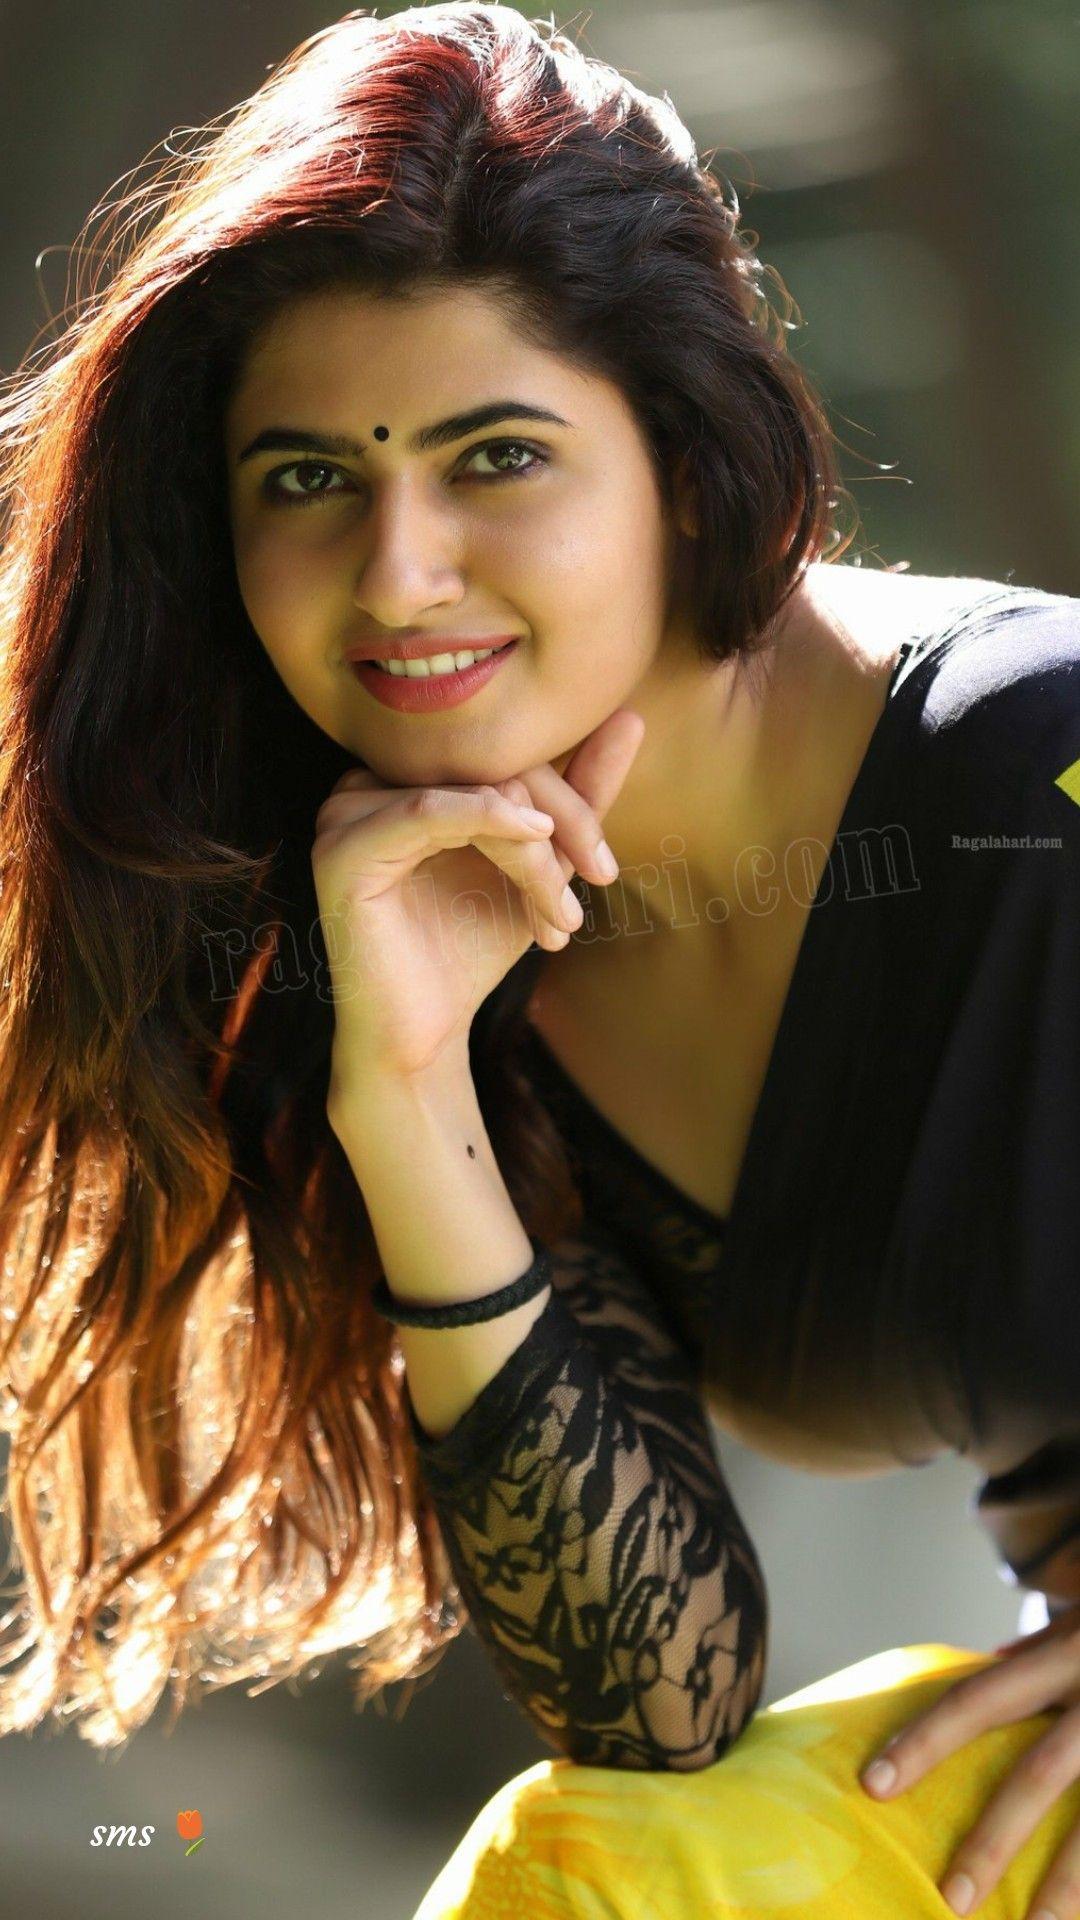 Indian girl beauties virginal